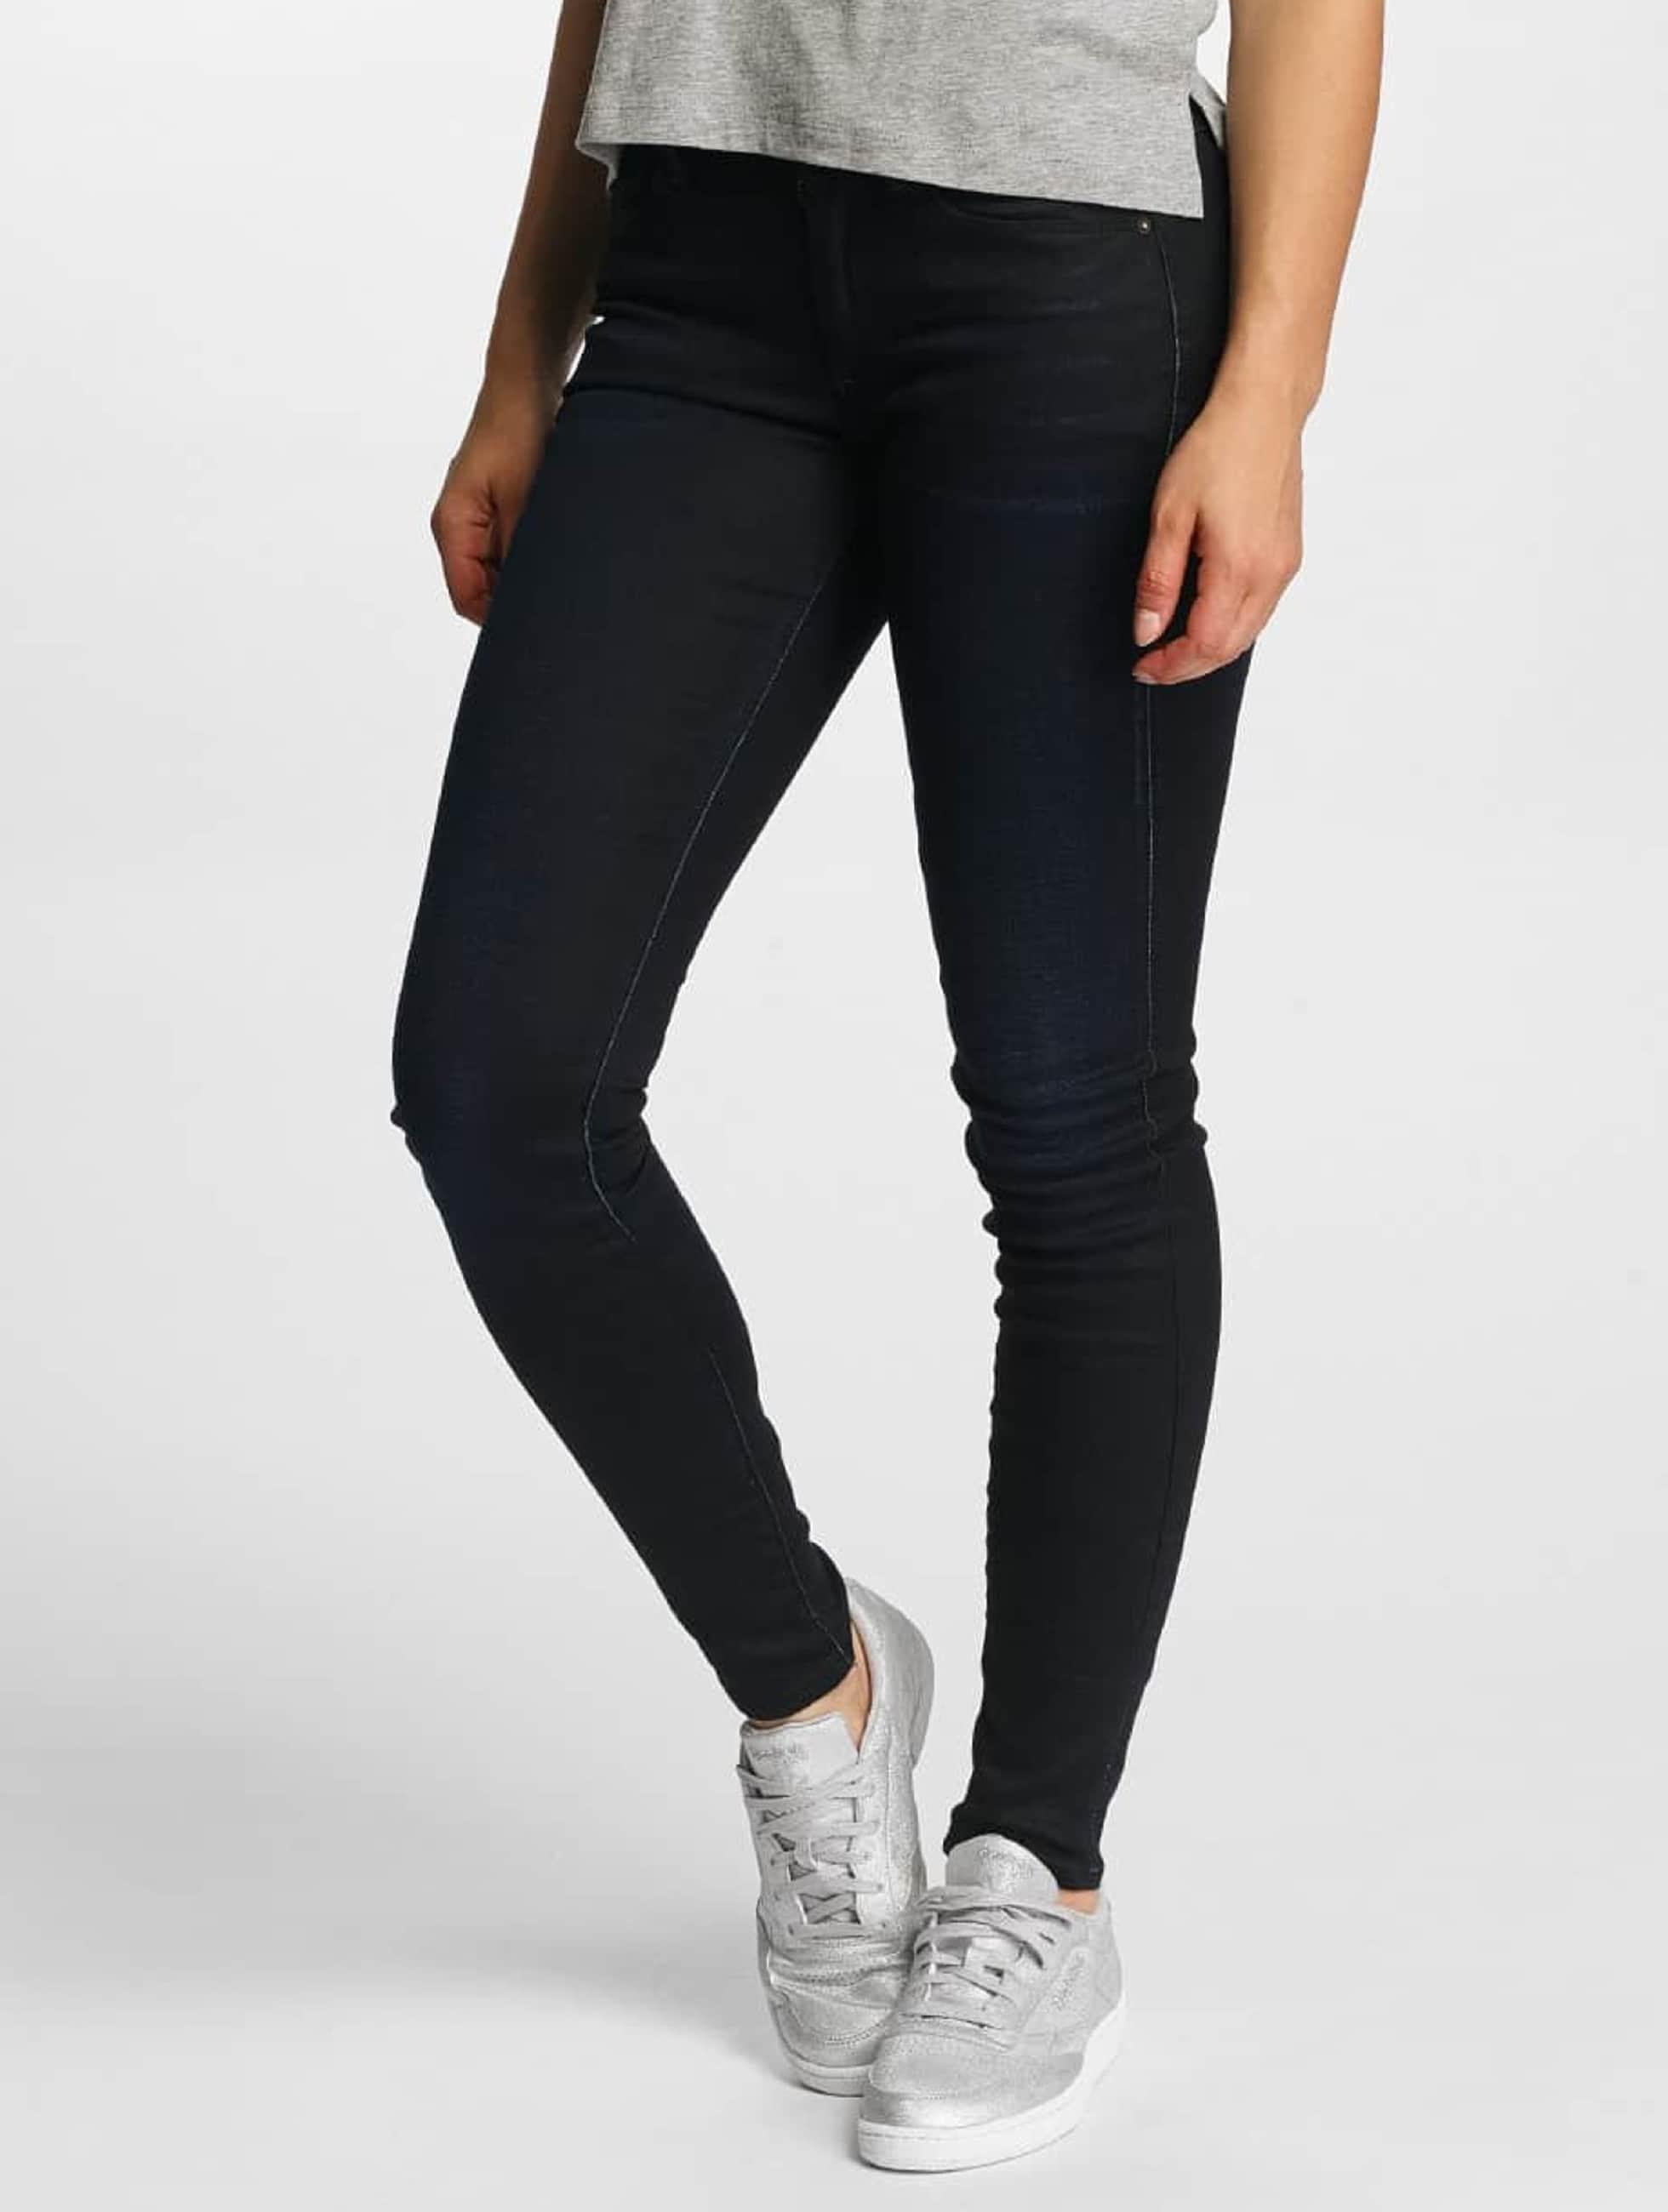 g star damen jeans skinny jeans 3301 high slander. Black Bedroom Furniture Sets. Home Design Ideas